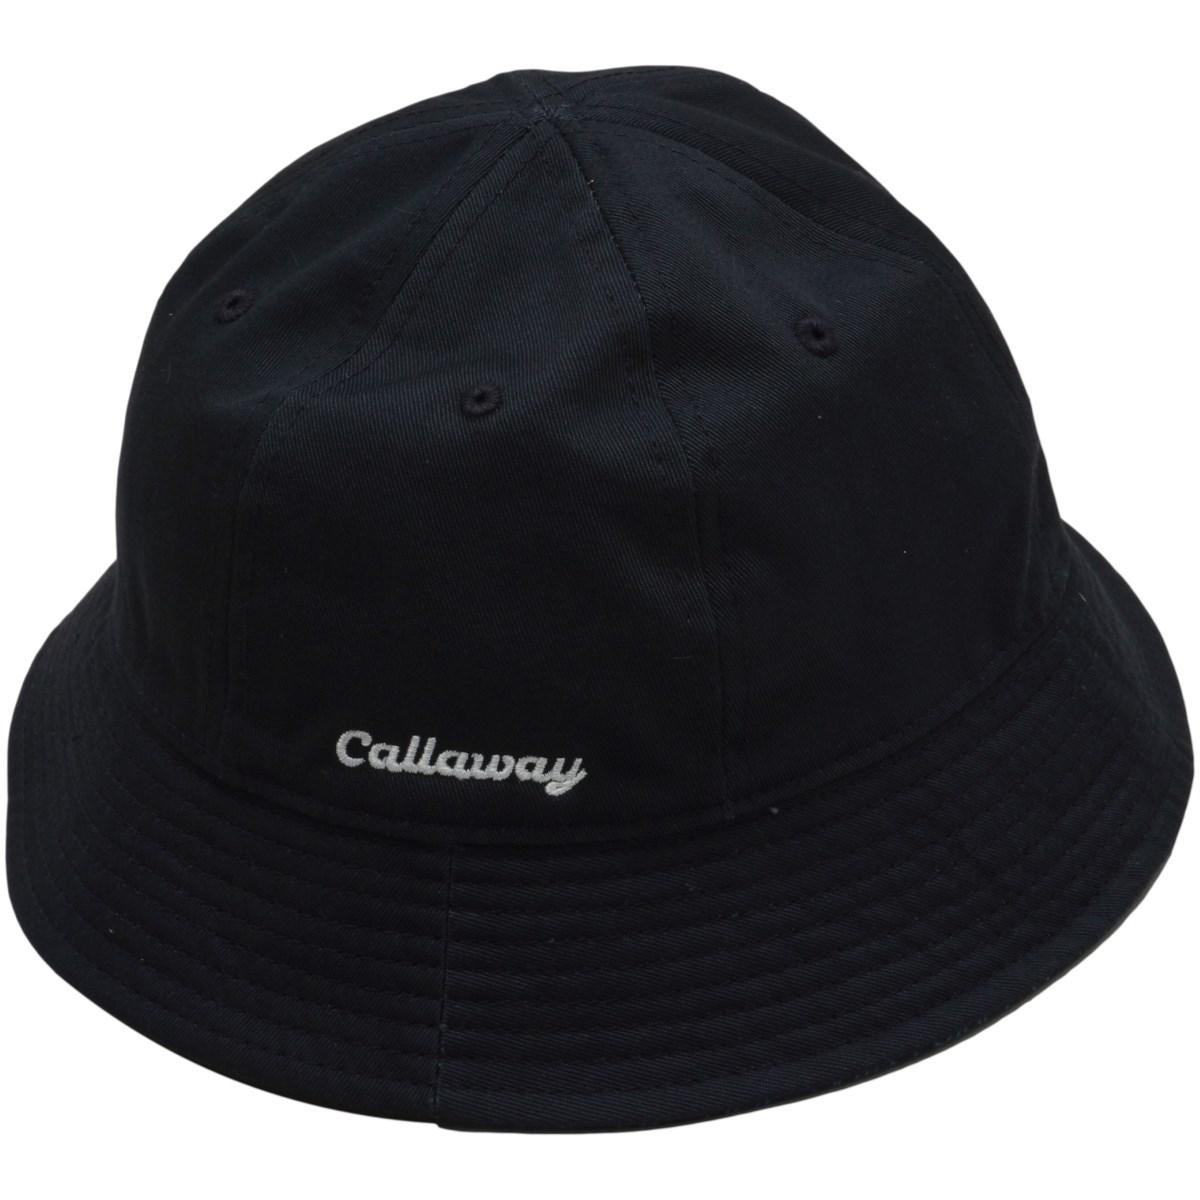 キャロウェイゴルフ Callaway Golf ベルハット フリー ネイビー 120 レディス